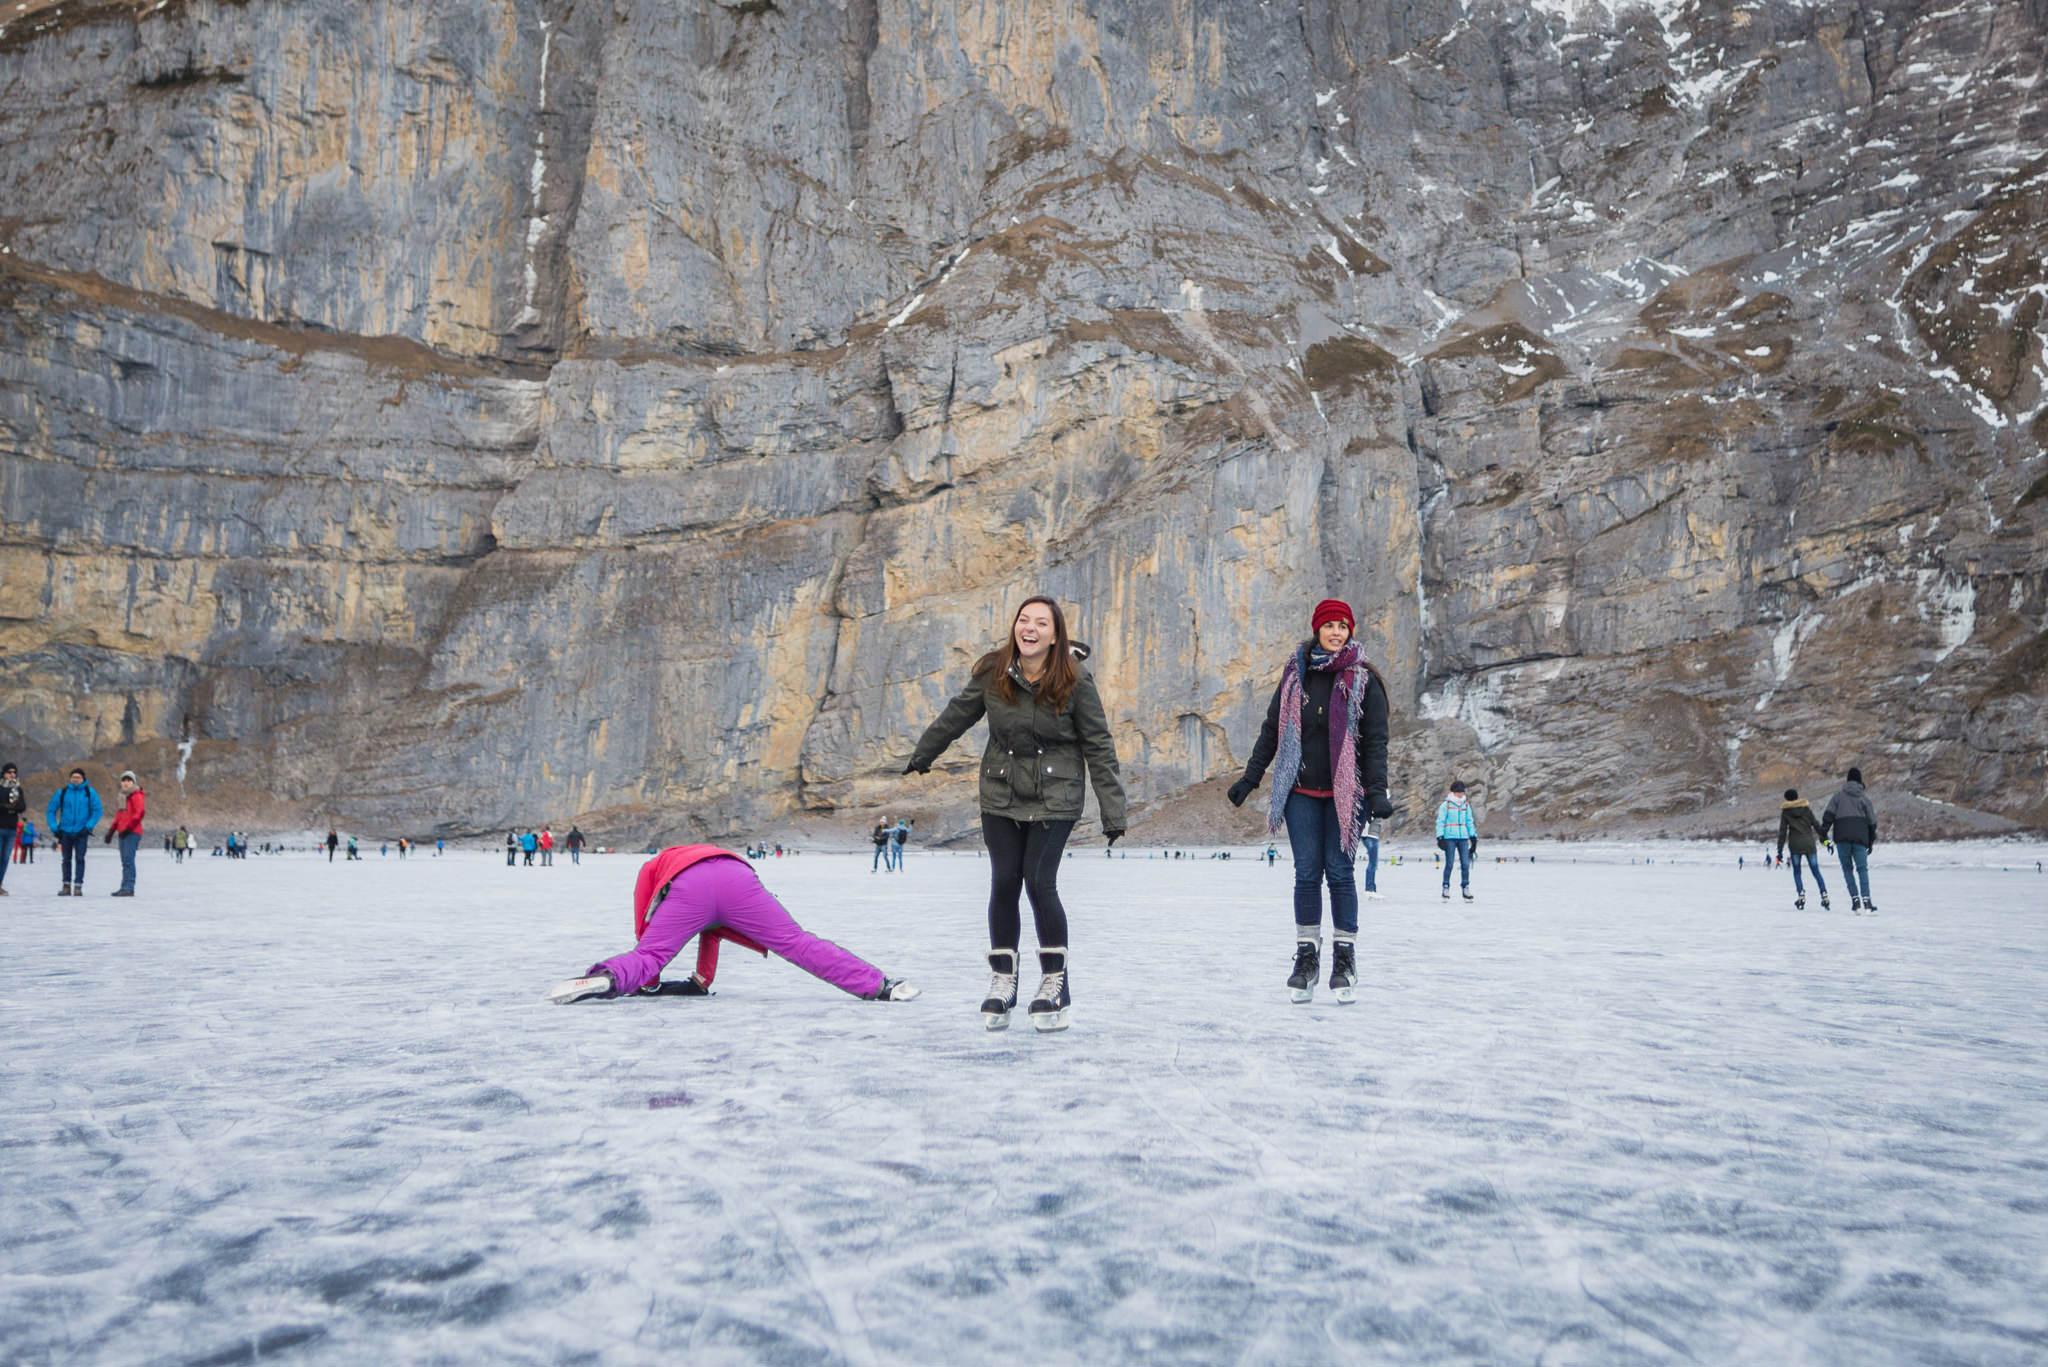 ice skating on lake oeschinensee in switzerland